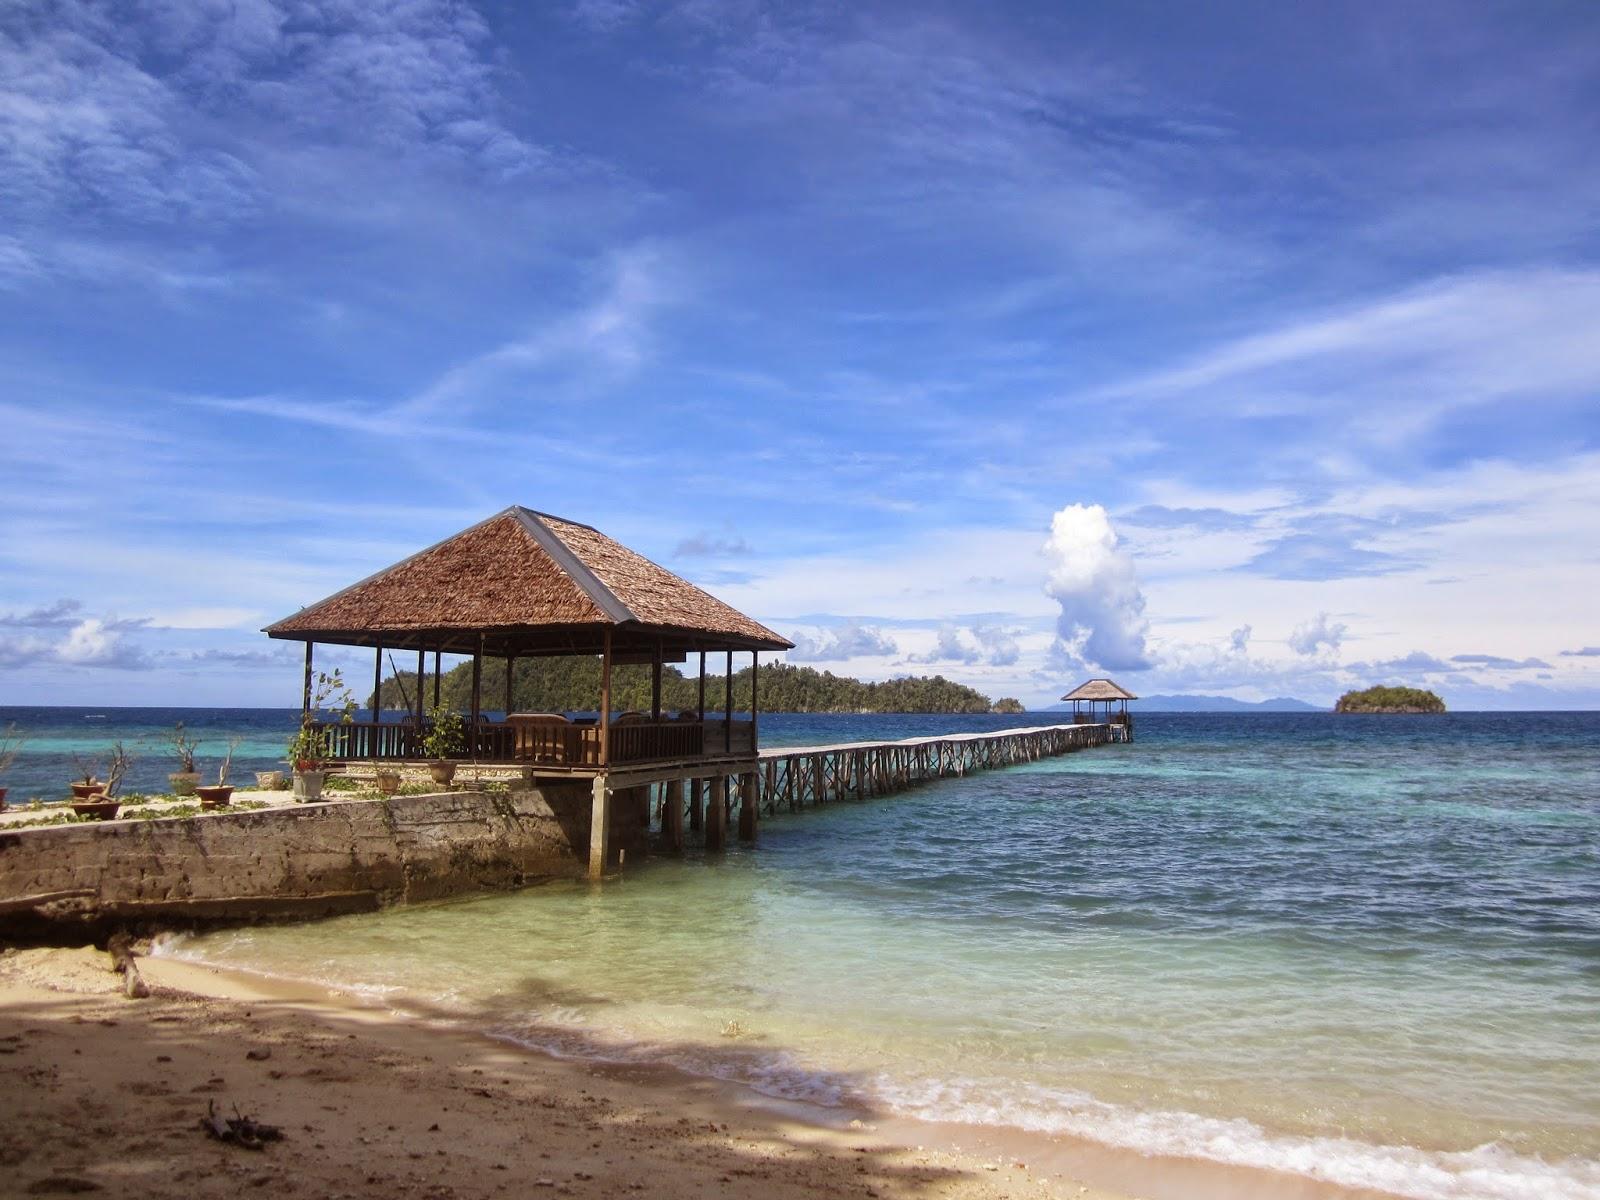 Kepulauan Togean Keindahan Alam Tersembunyi Teluk Tomini Sulawesi Tengah Kab